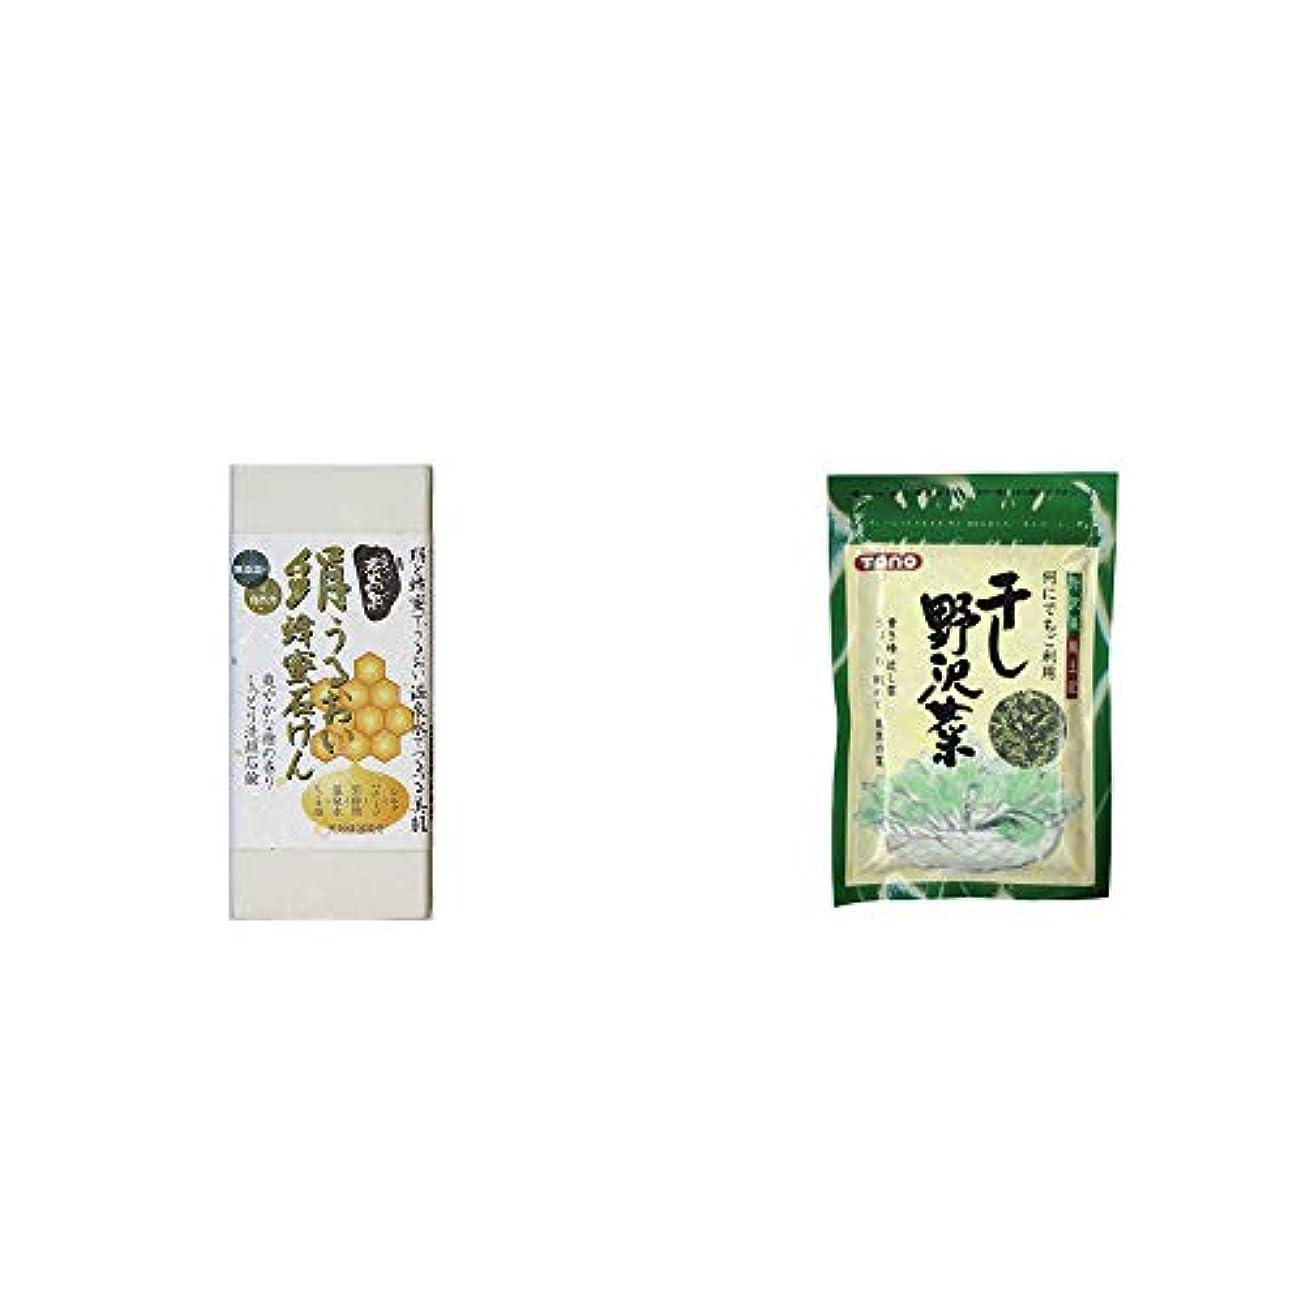 健全ヒール塩辛い[2点セット] ひのき炭黒泉 絹うるおい蜂蜜石けん(75g×2)?干し野沢菜(100g)